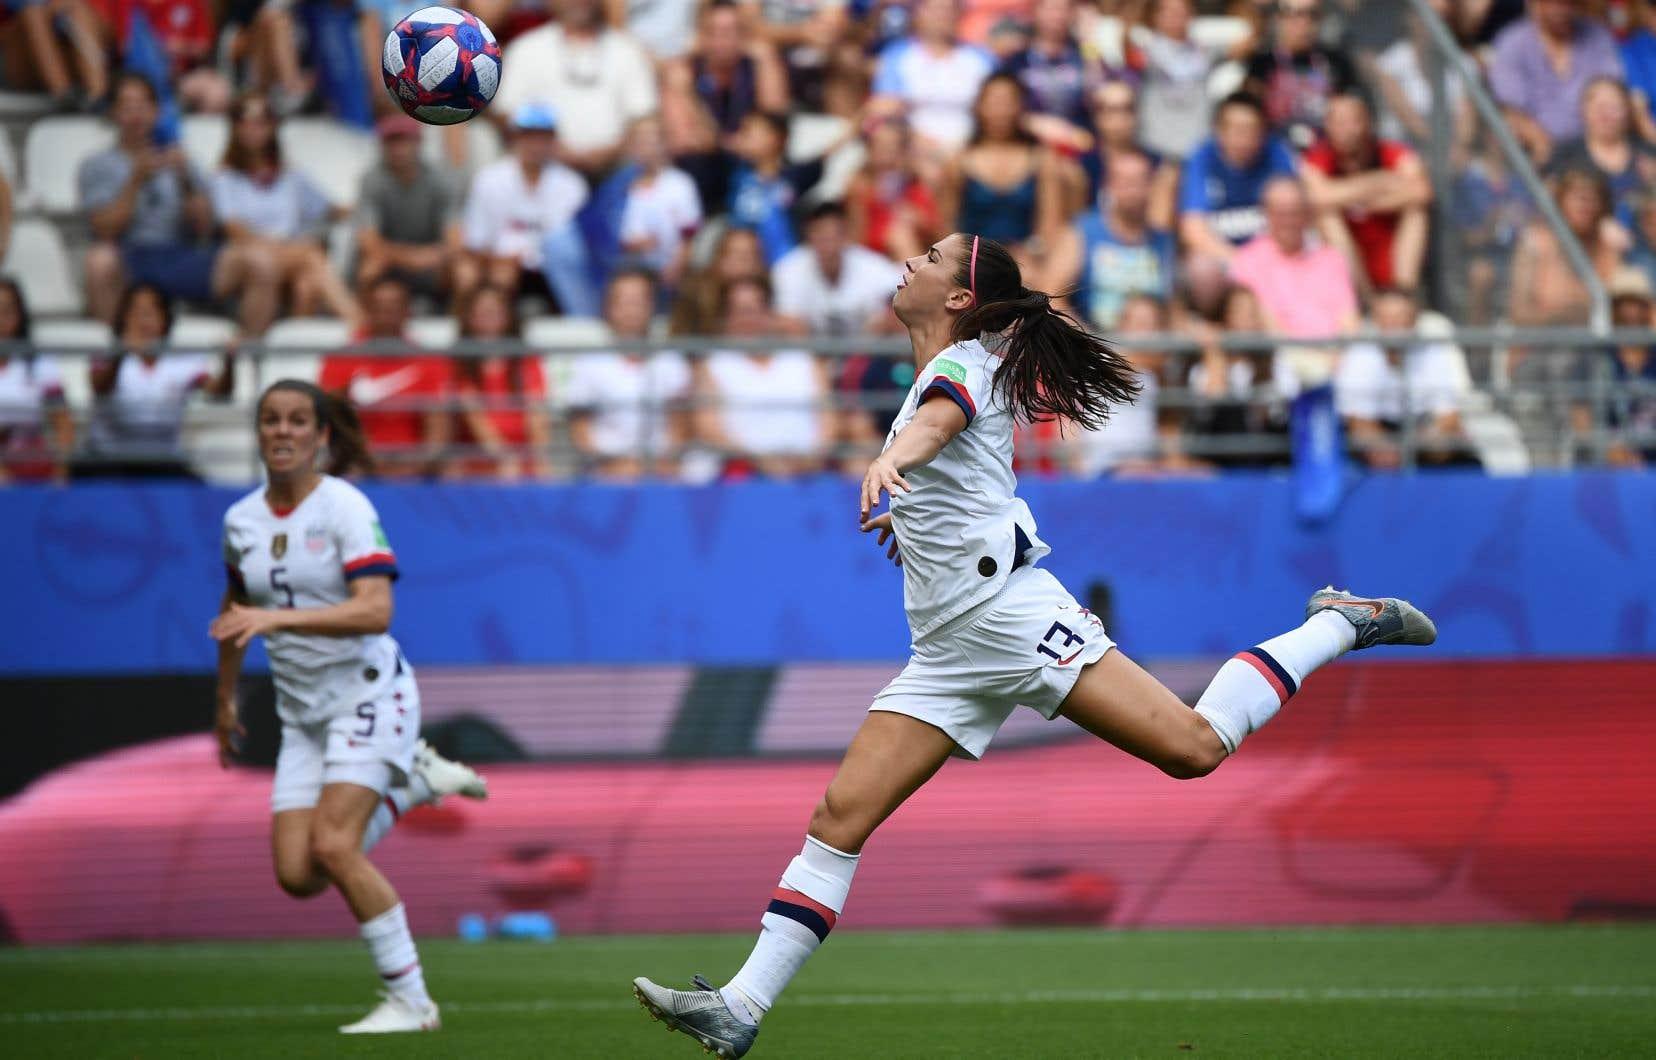 Les États-Unis ont dominé 18-0 pour les buts en phase de groupe. Jusqu'à lundi, le club n'avait pas permis de but en huit matchs, en remontant aux Jeux olympiques de 2016 (écrasant l'opposition 44-0).